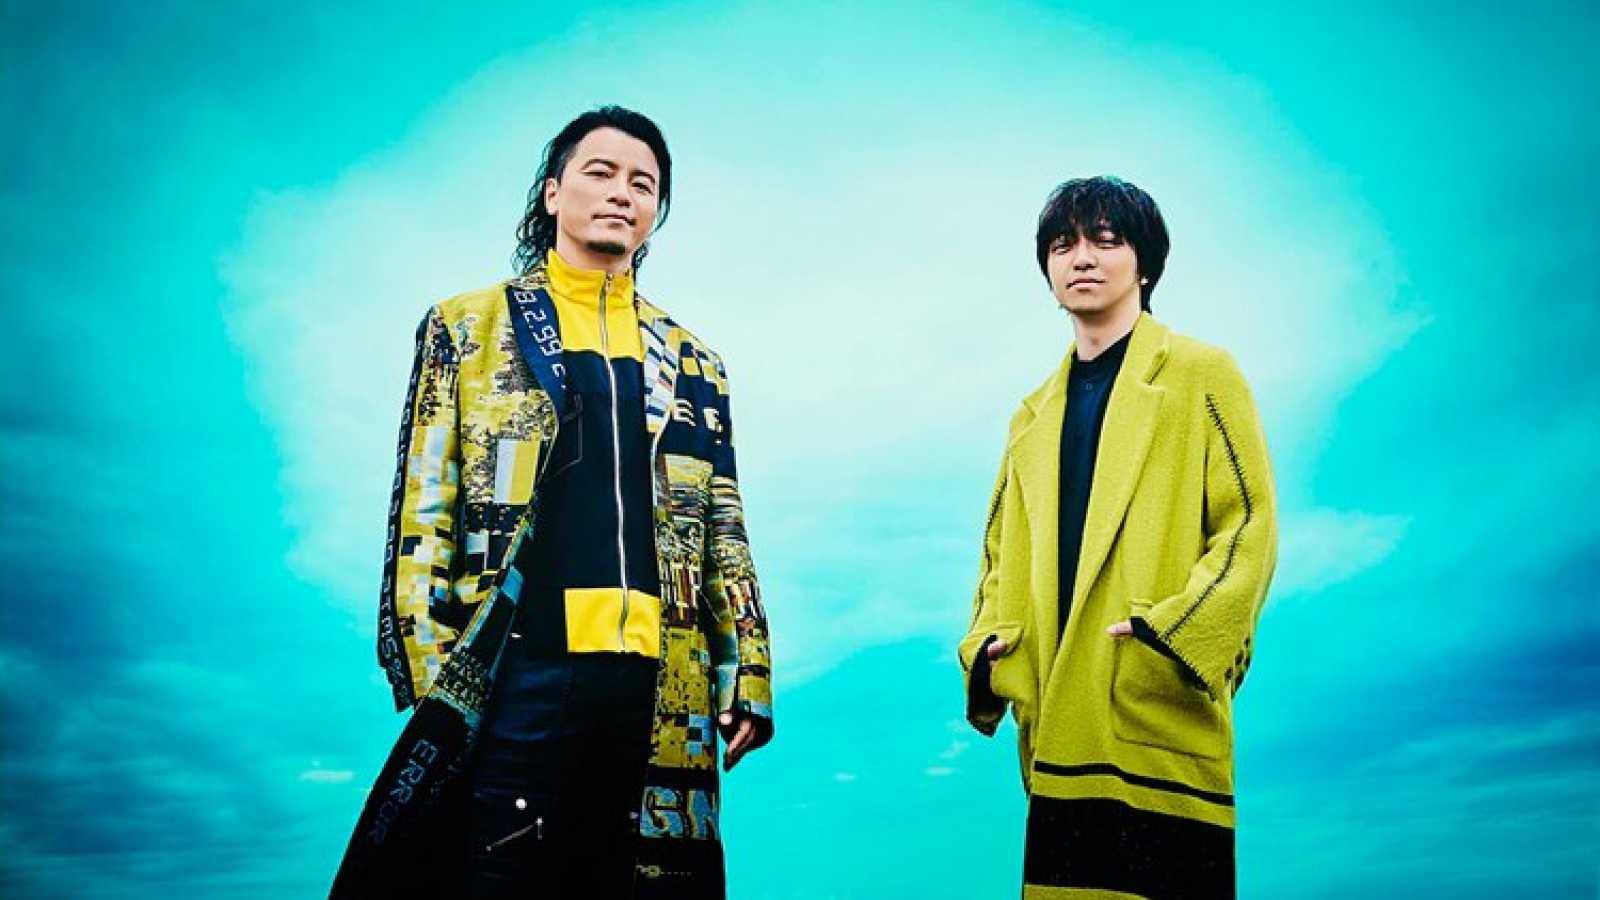 KREVA annonce un nouveau single avec Daichi Miura   © KREVA x Daichi Miura. All rights reserved.